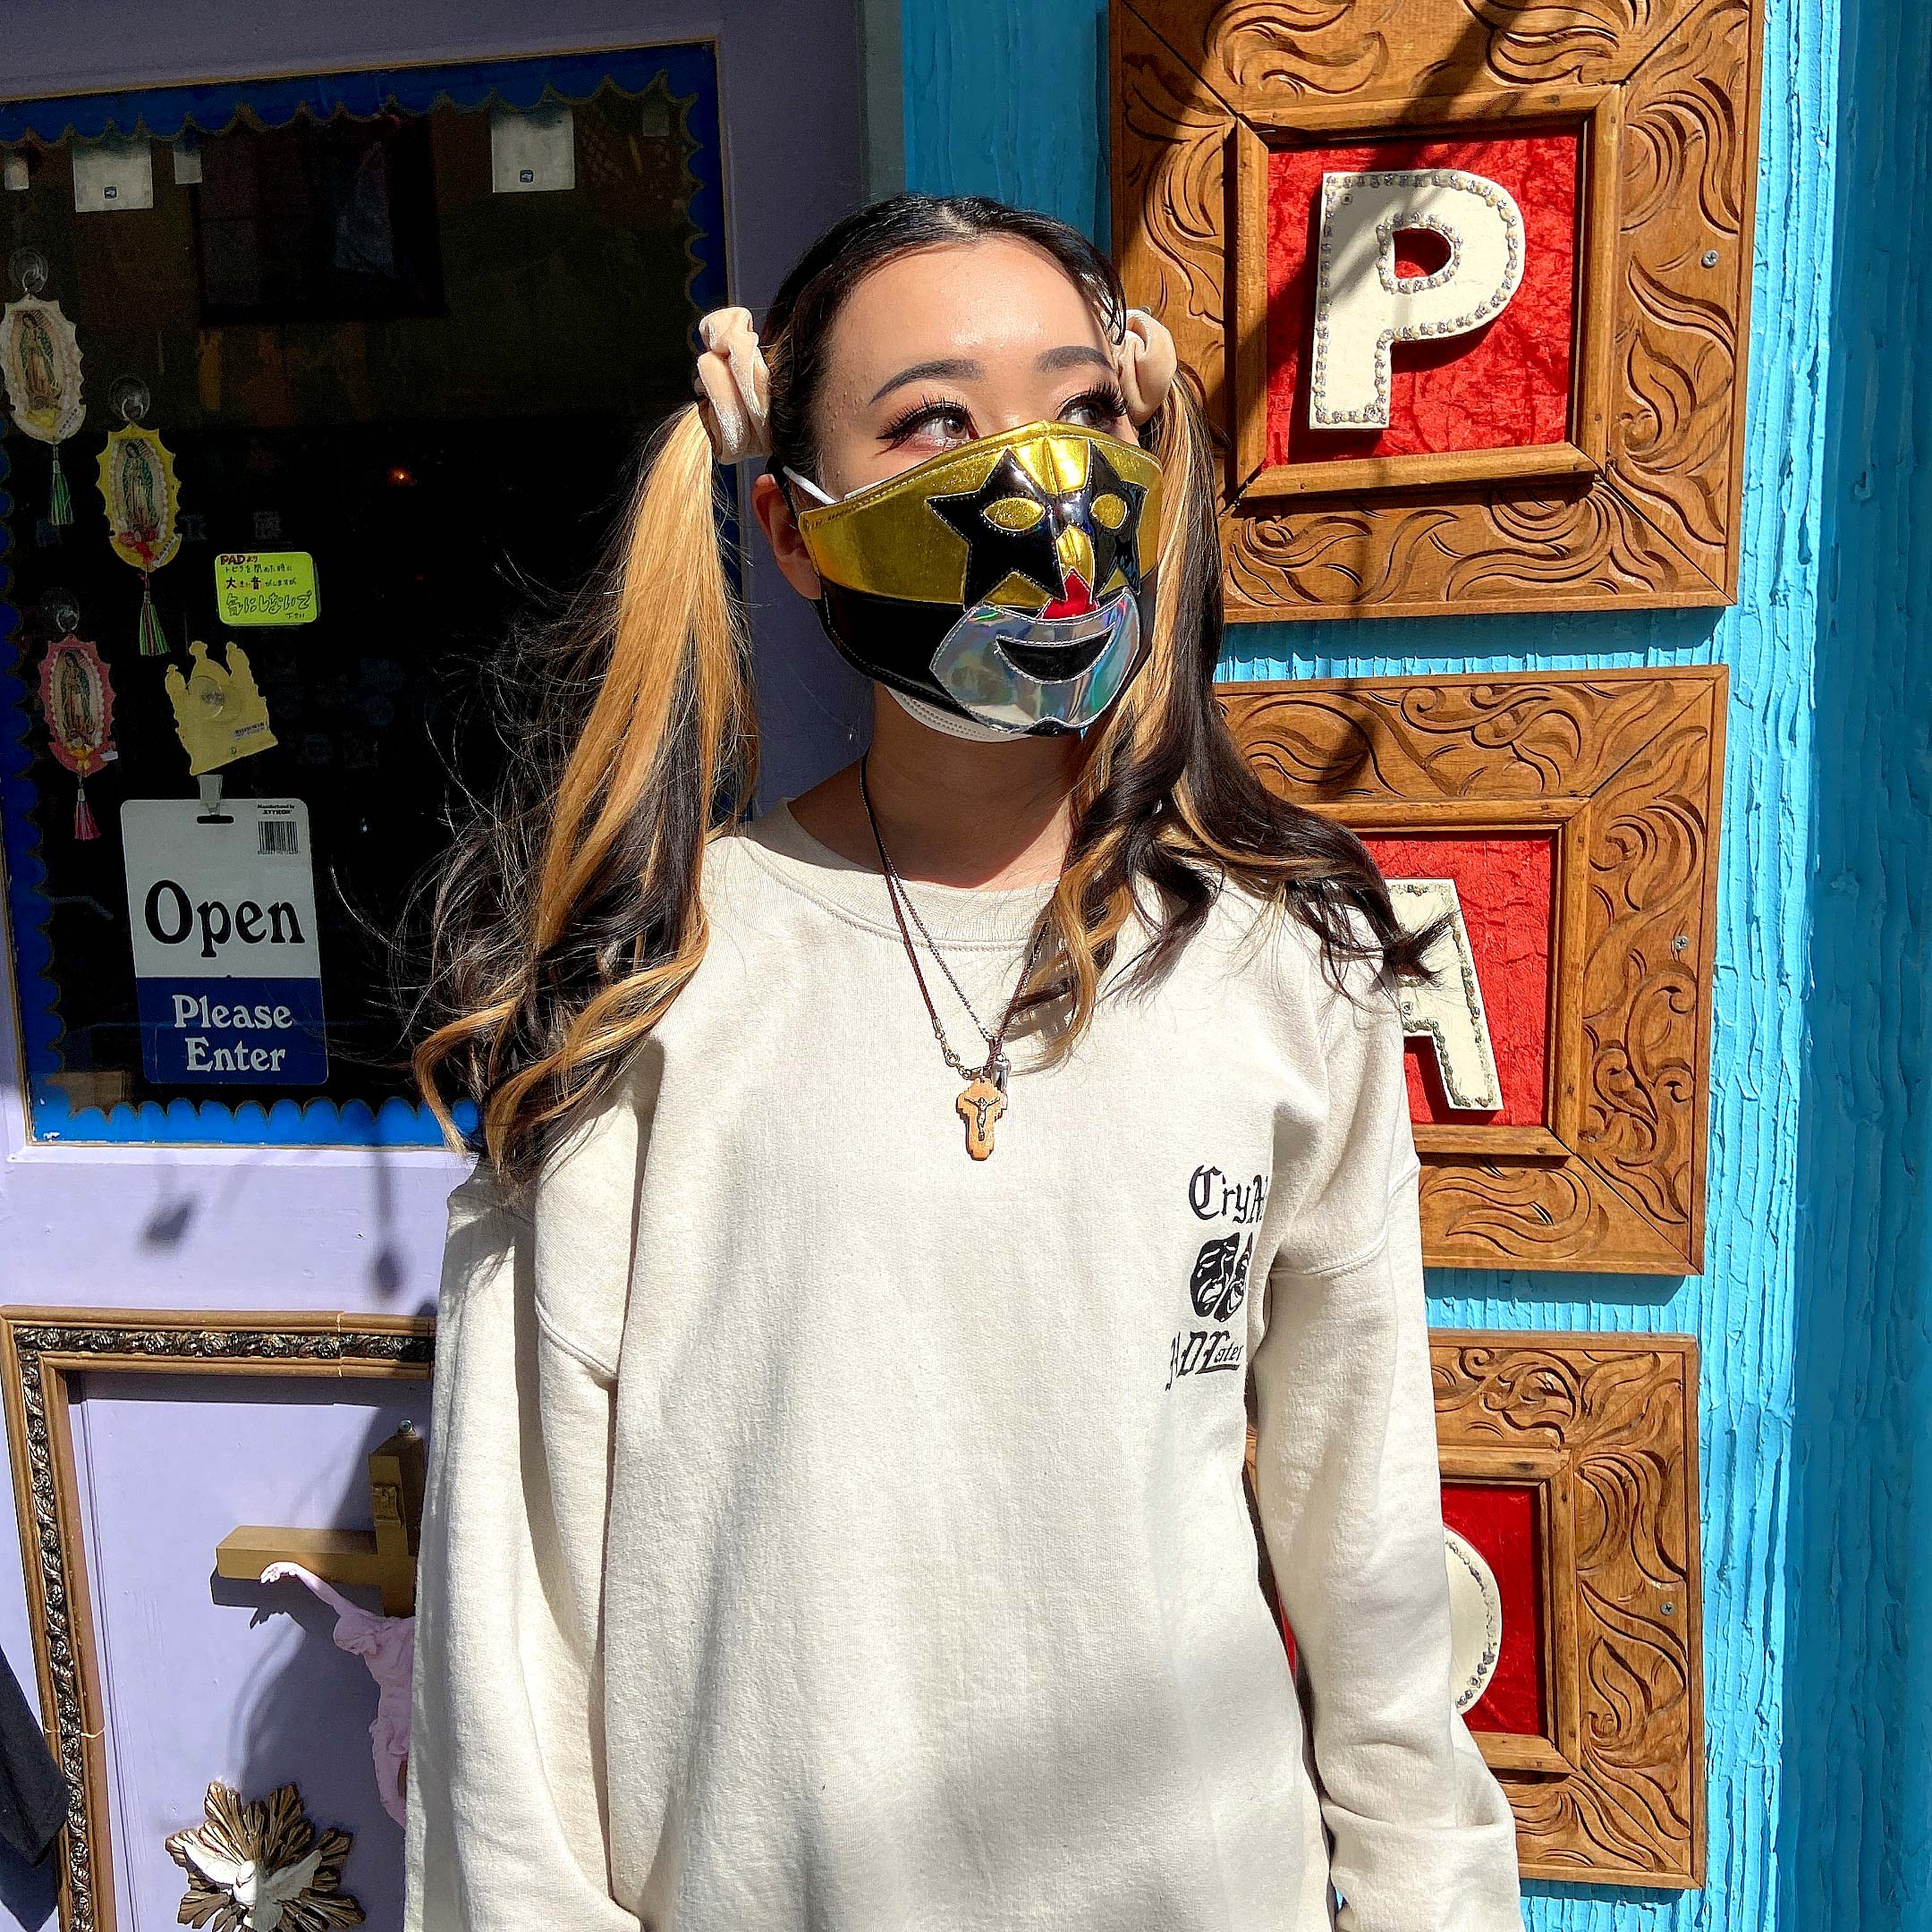 """""""ルチャリブレ,ルチャ,プロレス,マスクマン,覆面レスラー,覆面,おもしろ,ミルマスカラス,マスク,マスクカバー,衛生用マスク,布マクス,エコマスク,おしゃれ,洗える,ウォッシャブル,繰り返し使えるマスク,メキシコ雑貨,メキシコ雑貨PAD"""""""